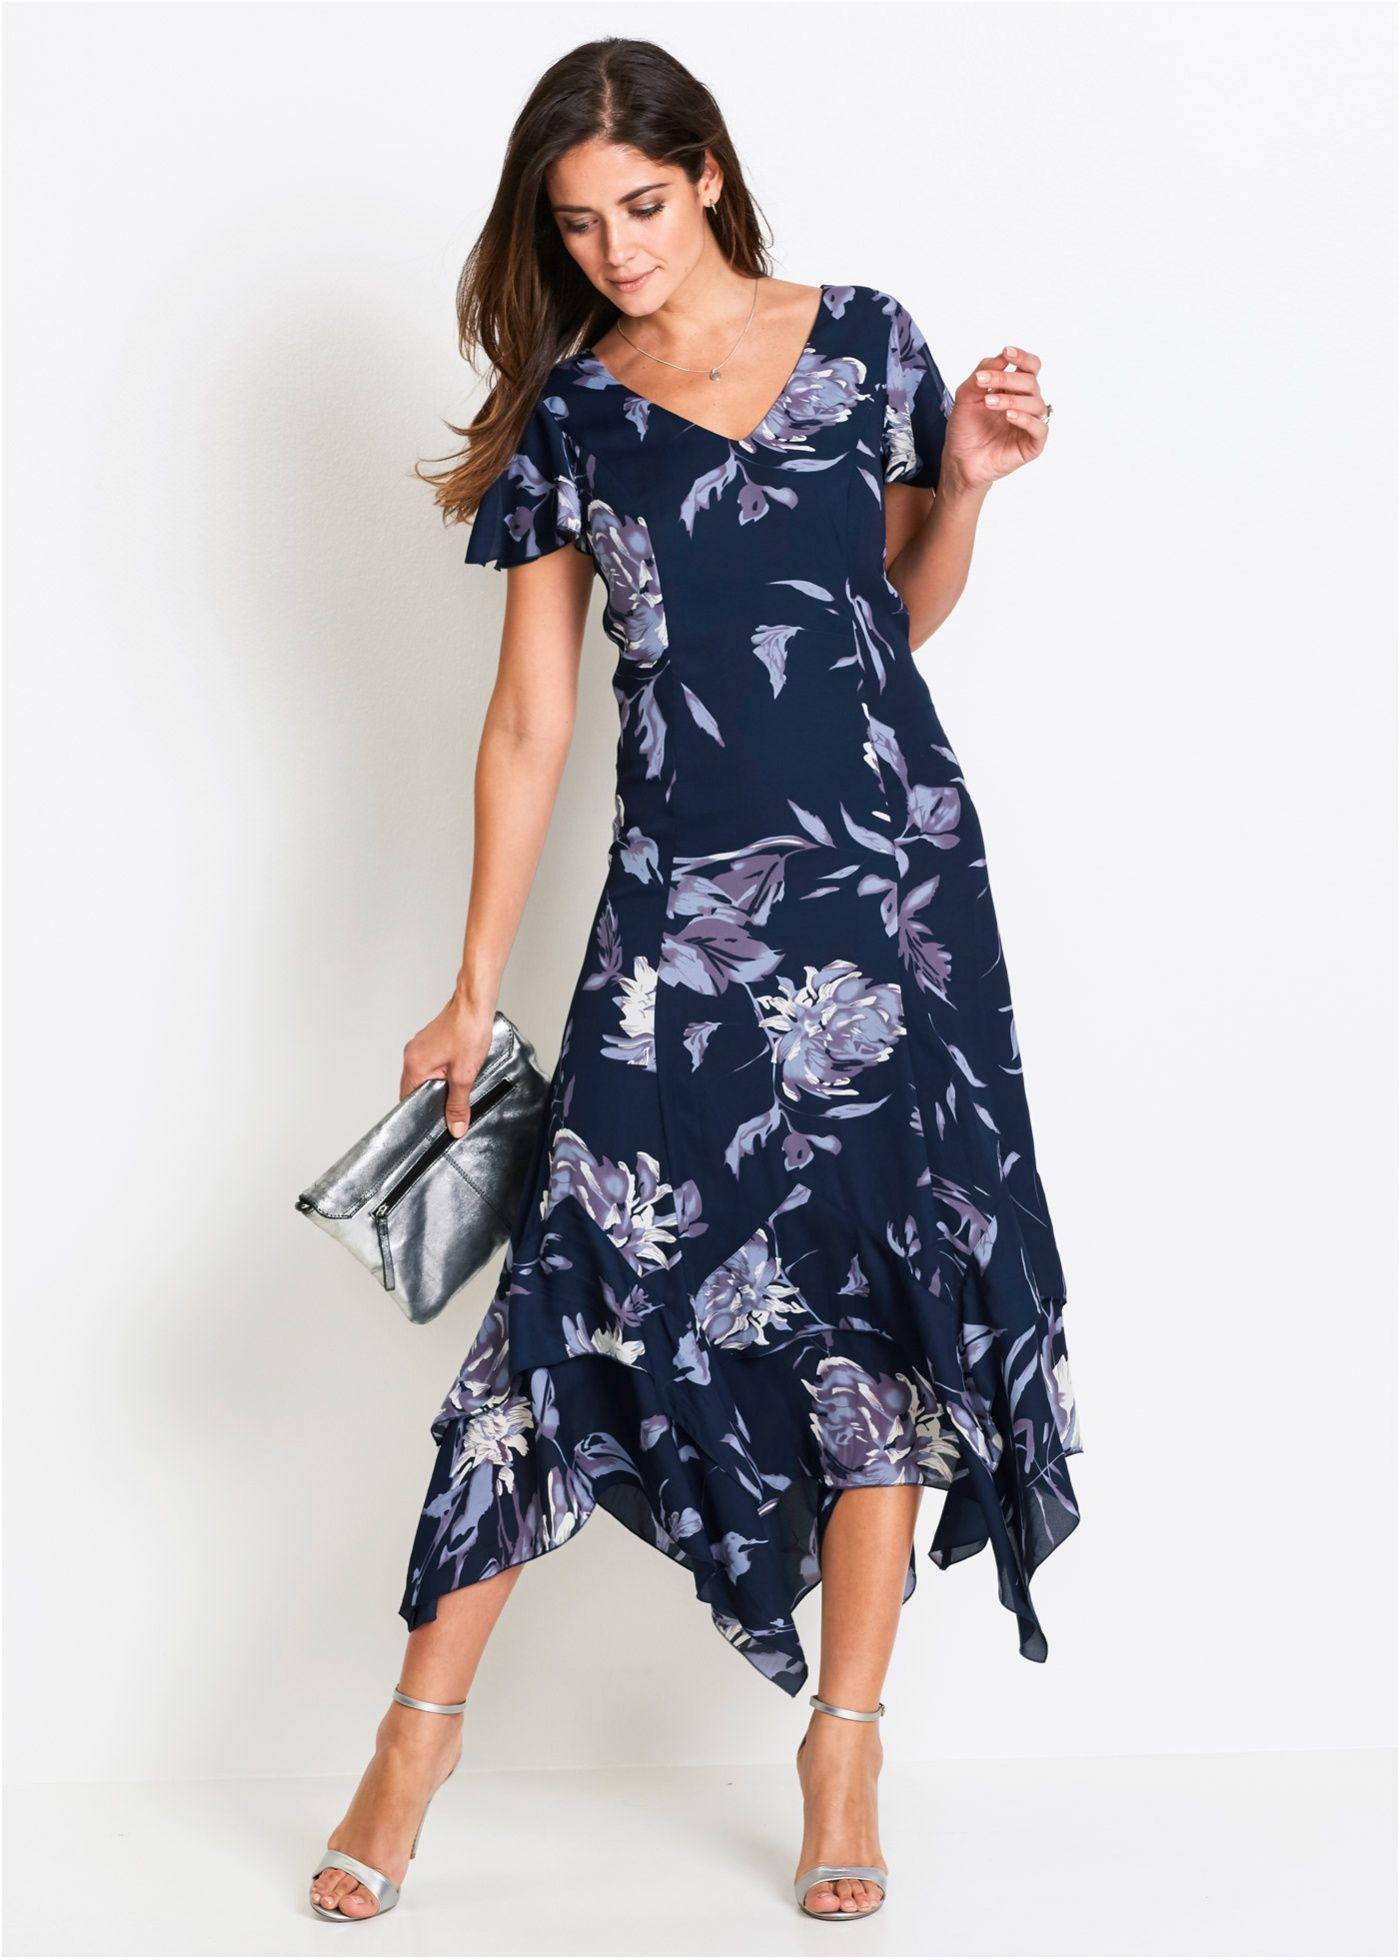 17 Kleider Damen Sommer Bonprix Stil  Designerkleidern